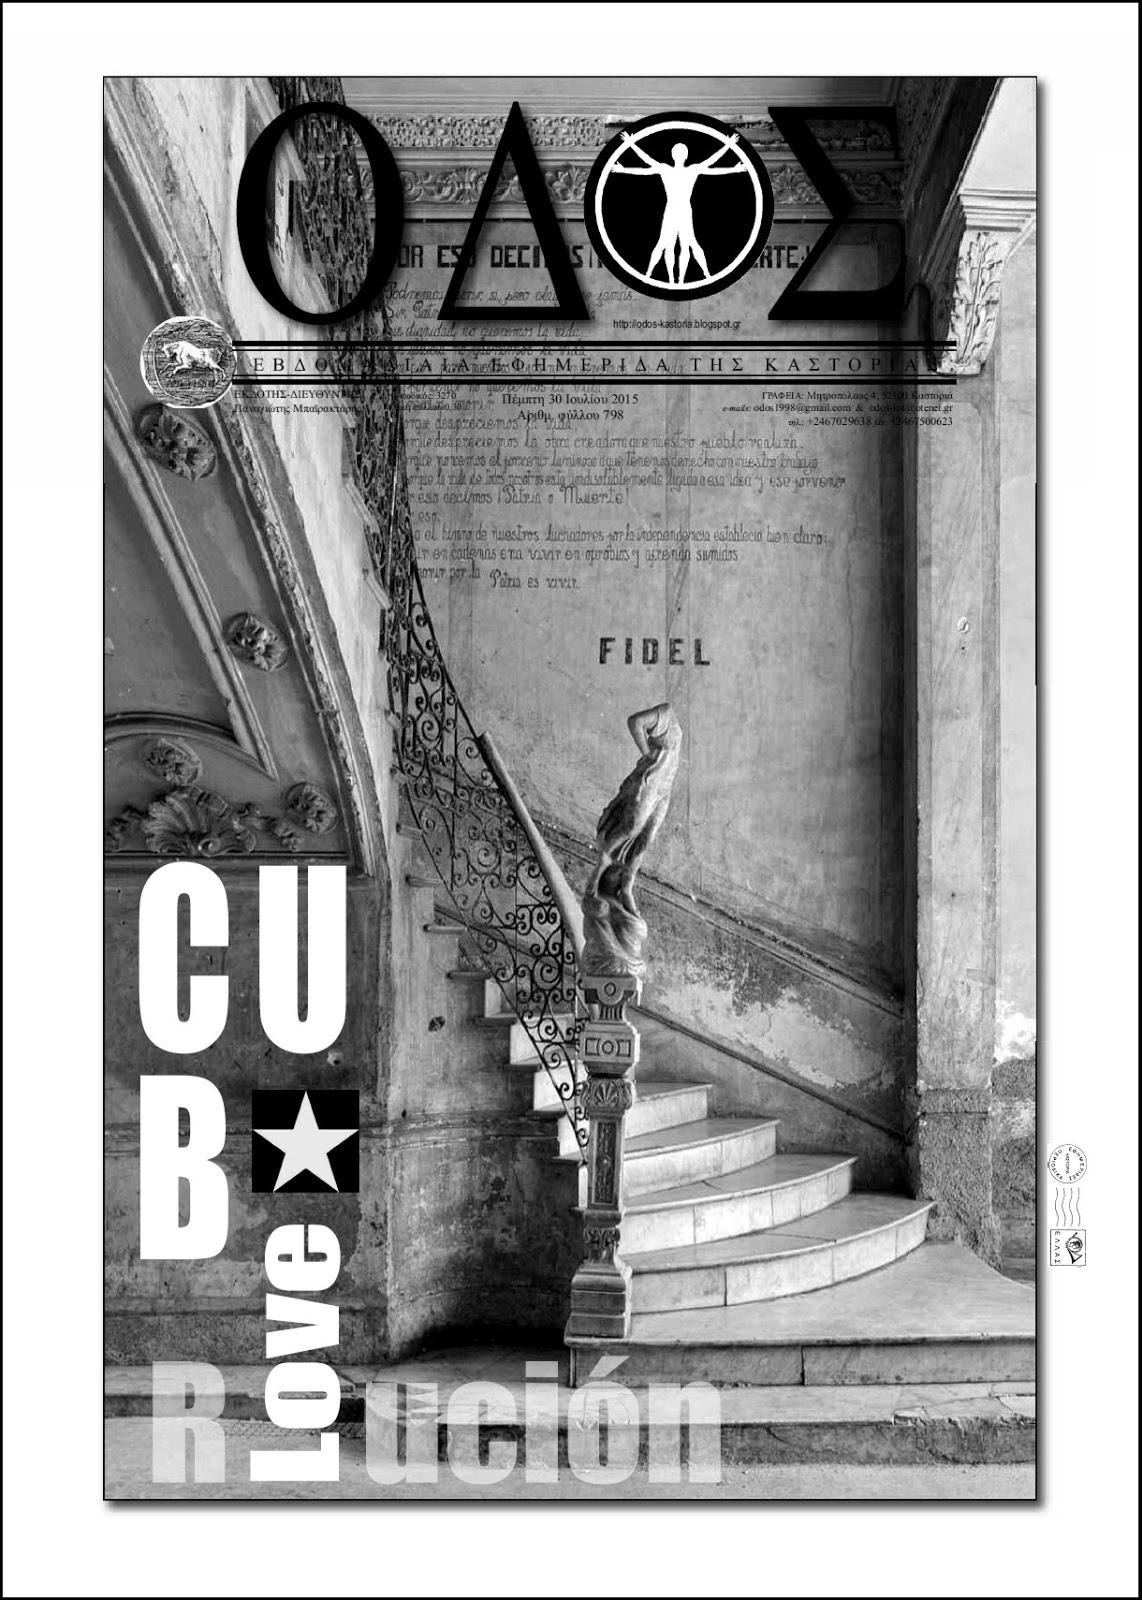 ΟΔΟΣ: CUBA | Love | Revolución